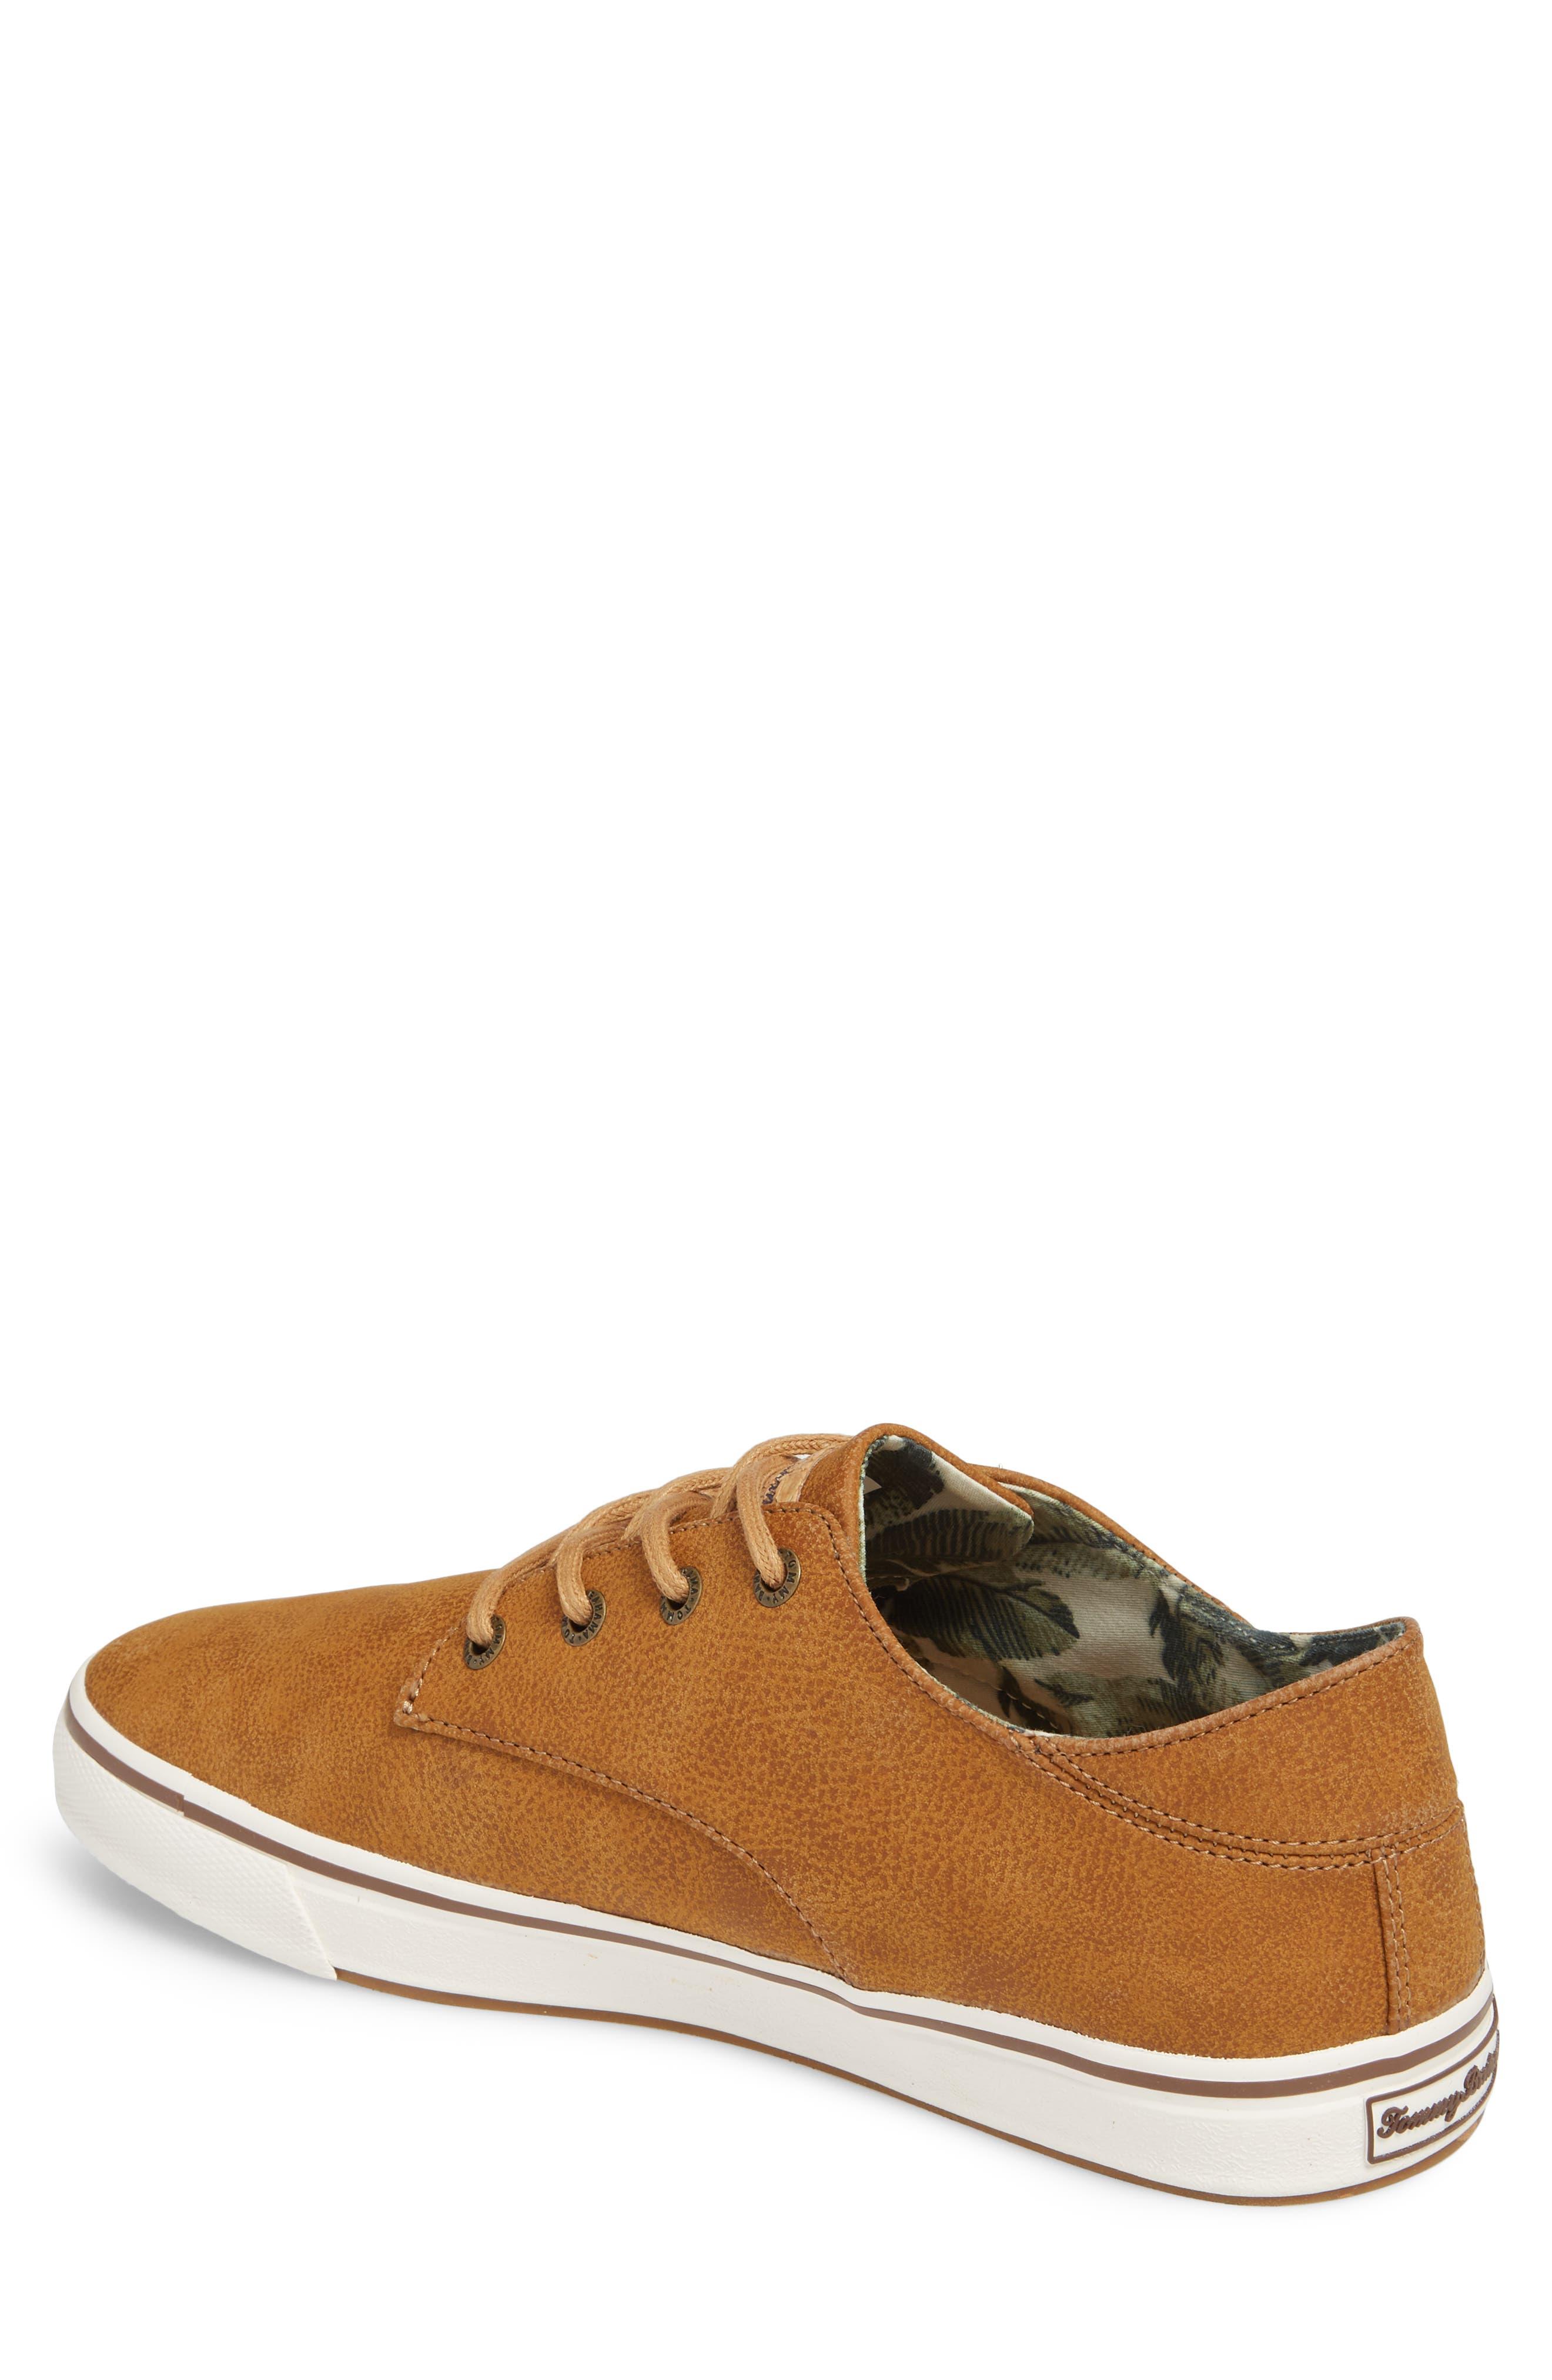 Dune Sneaker,                             Alternate thumbnail 4, color,